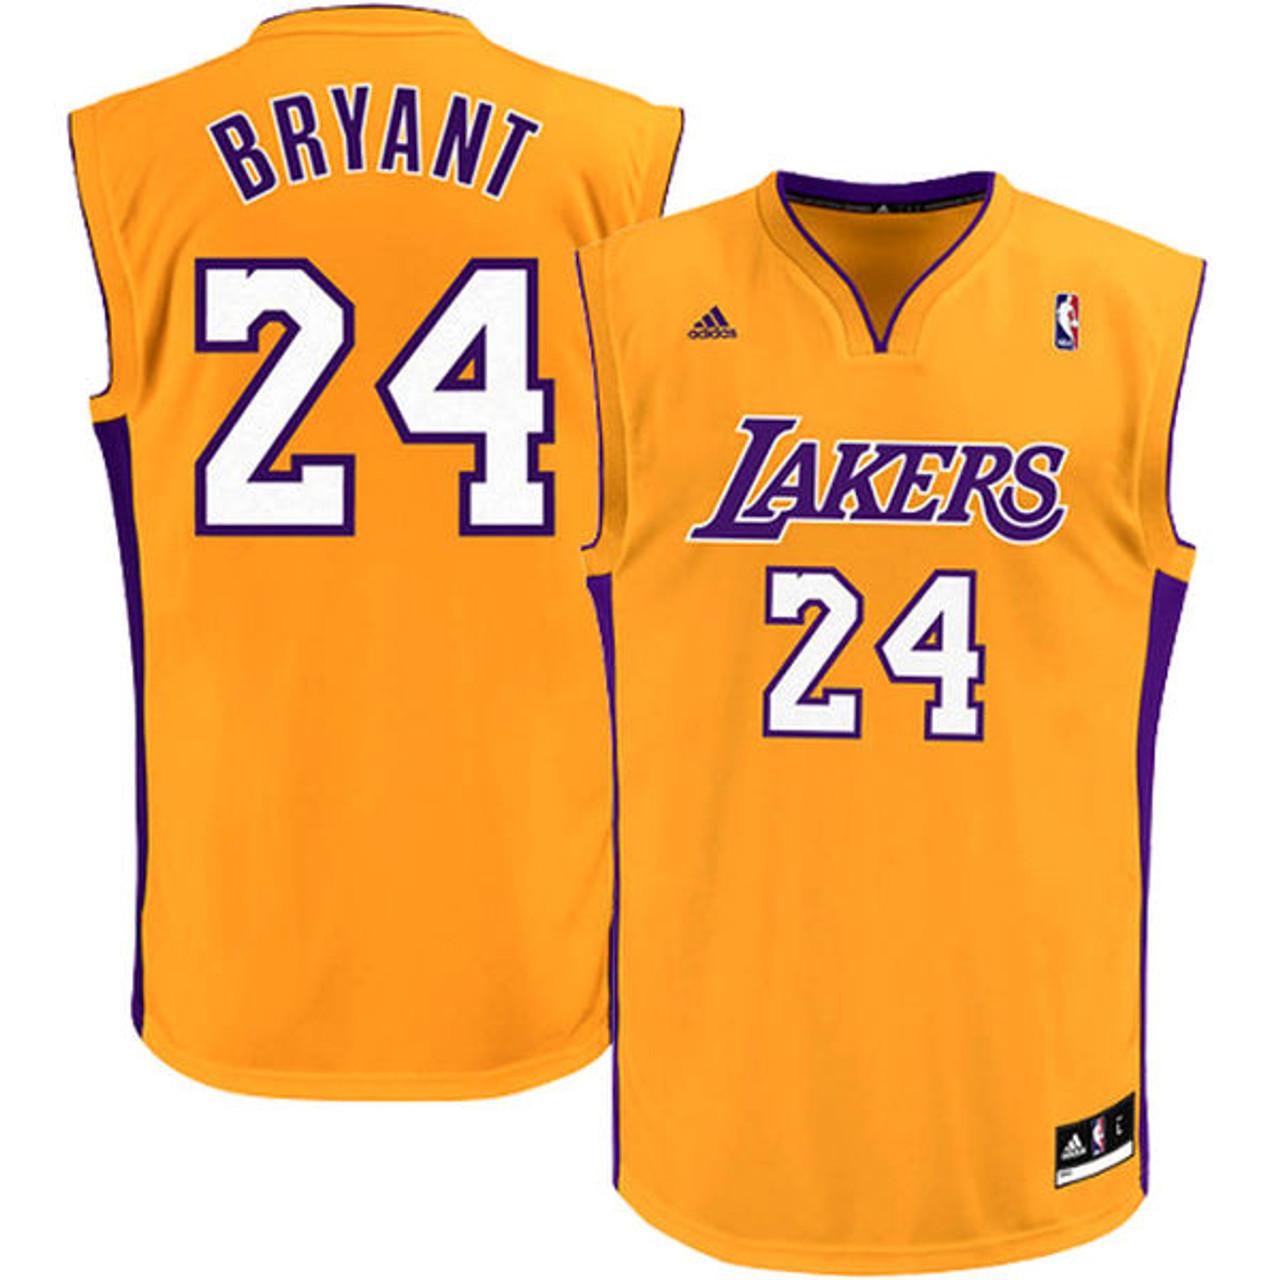 promo code 8359e b1f9b Adidas Kobe Bryant LA Lakers (Away) Youth Jersey